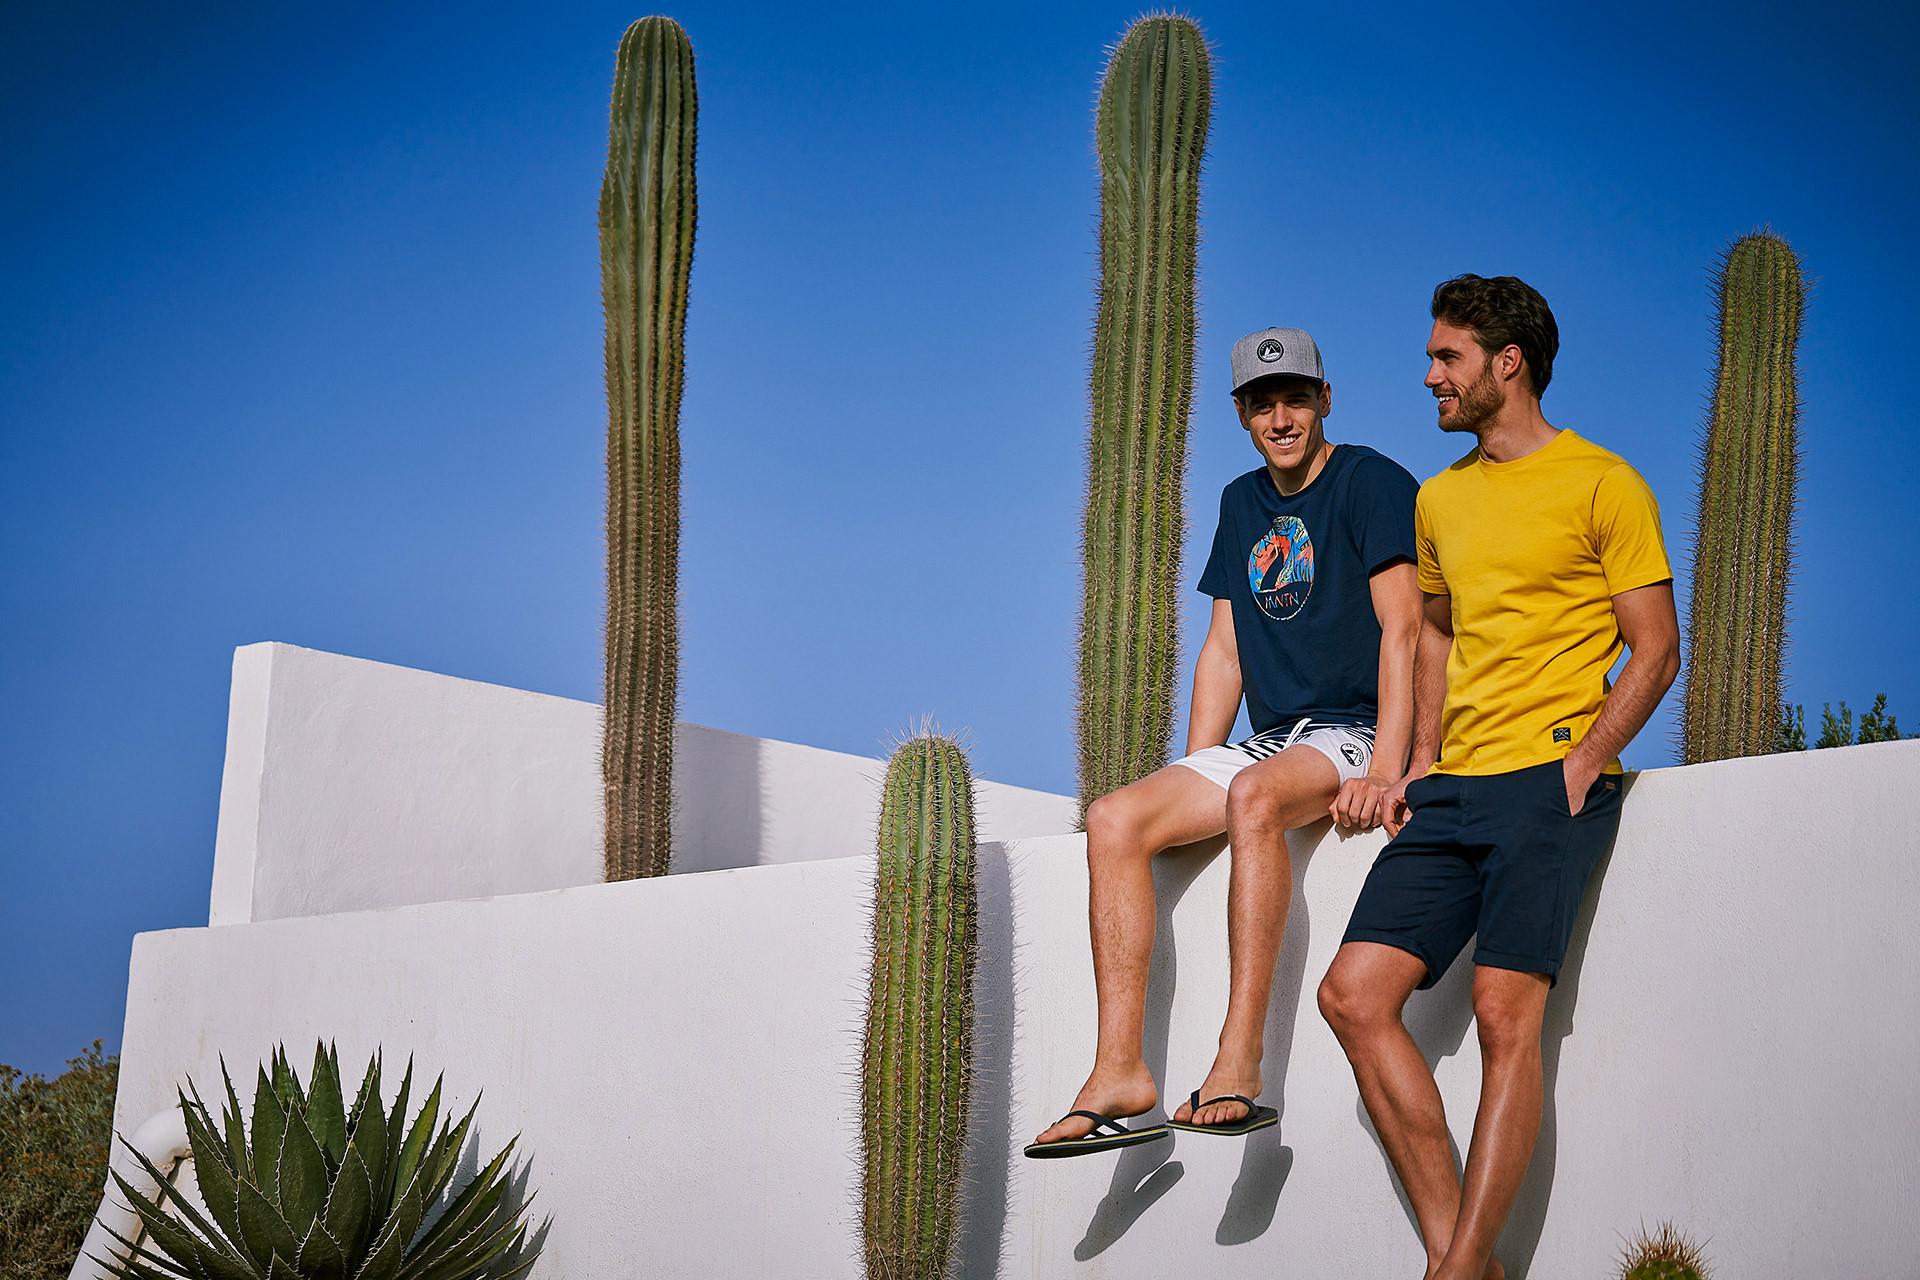 maenner-mauer-sueden-sommer-kaktus